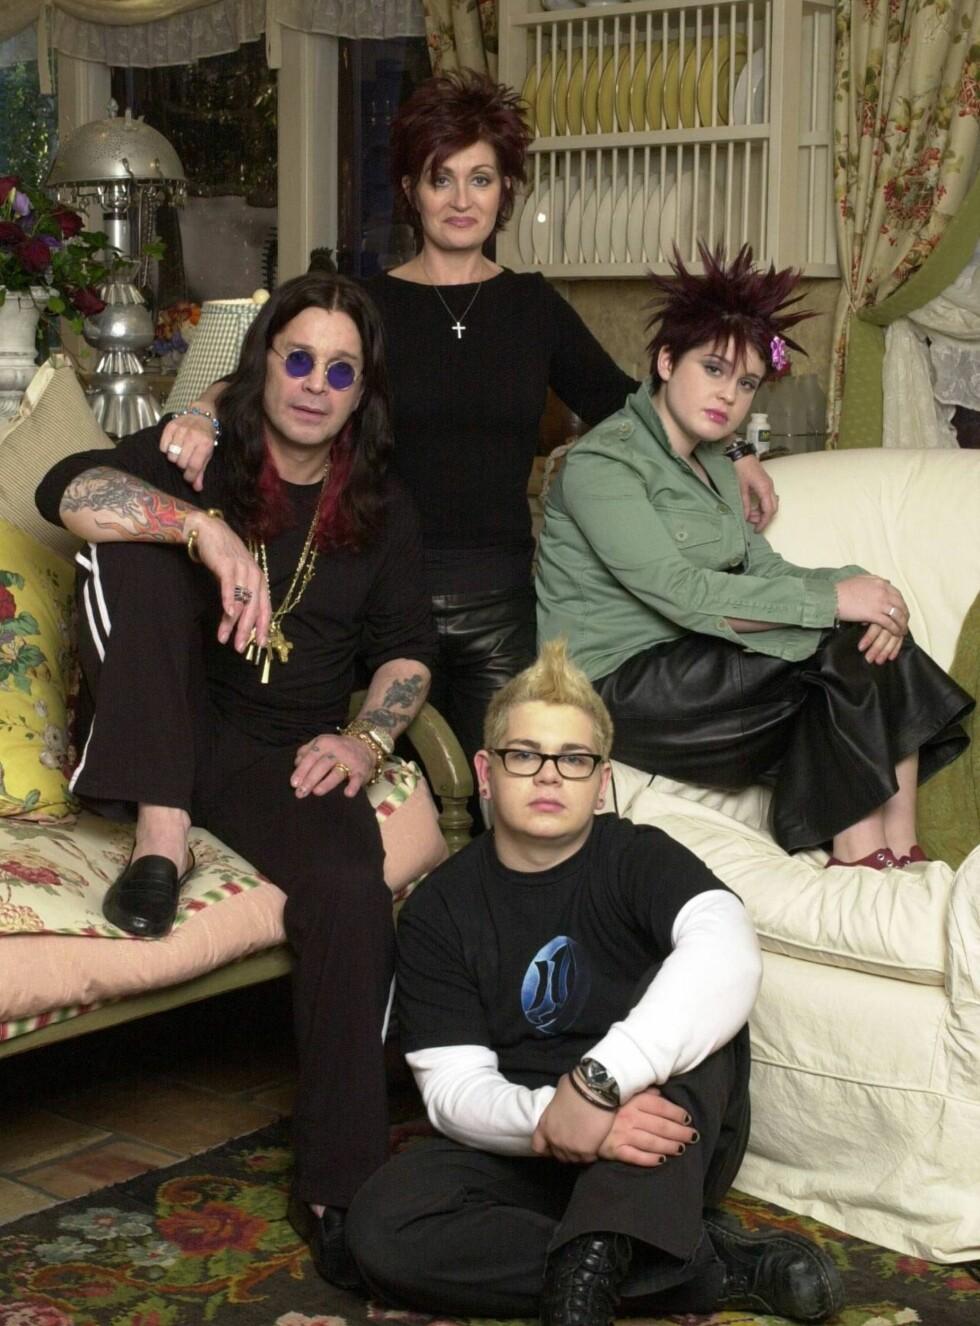 HJEMMEBRANN: Det er foreløpig ikke klart hva som startet brannen hjemme hos Ozzy, Sharon, Kelly og Jack Osbourne. Foto: All Over Press